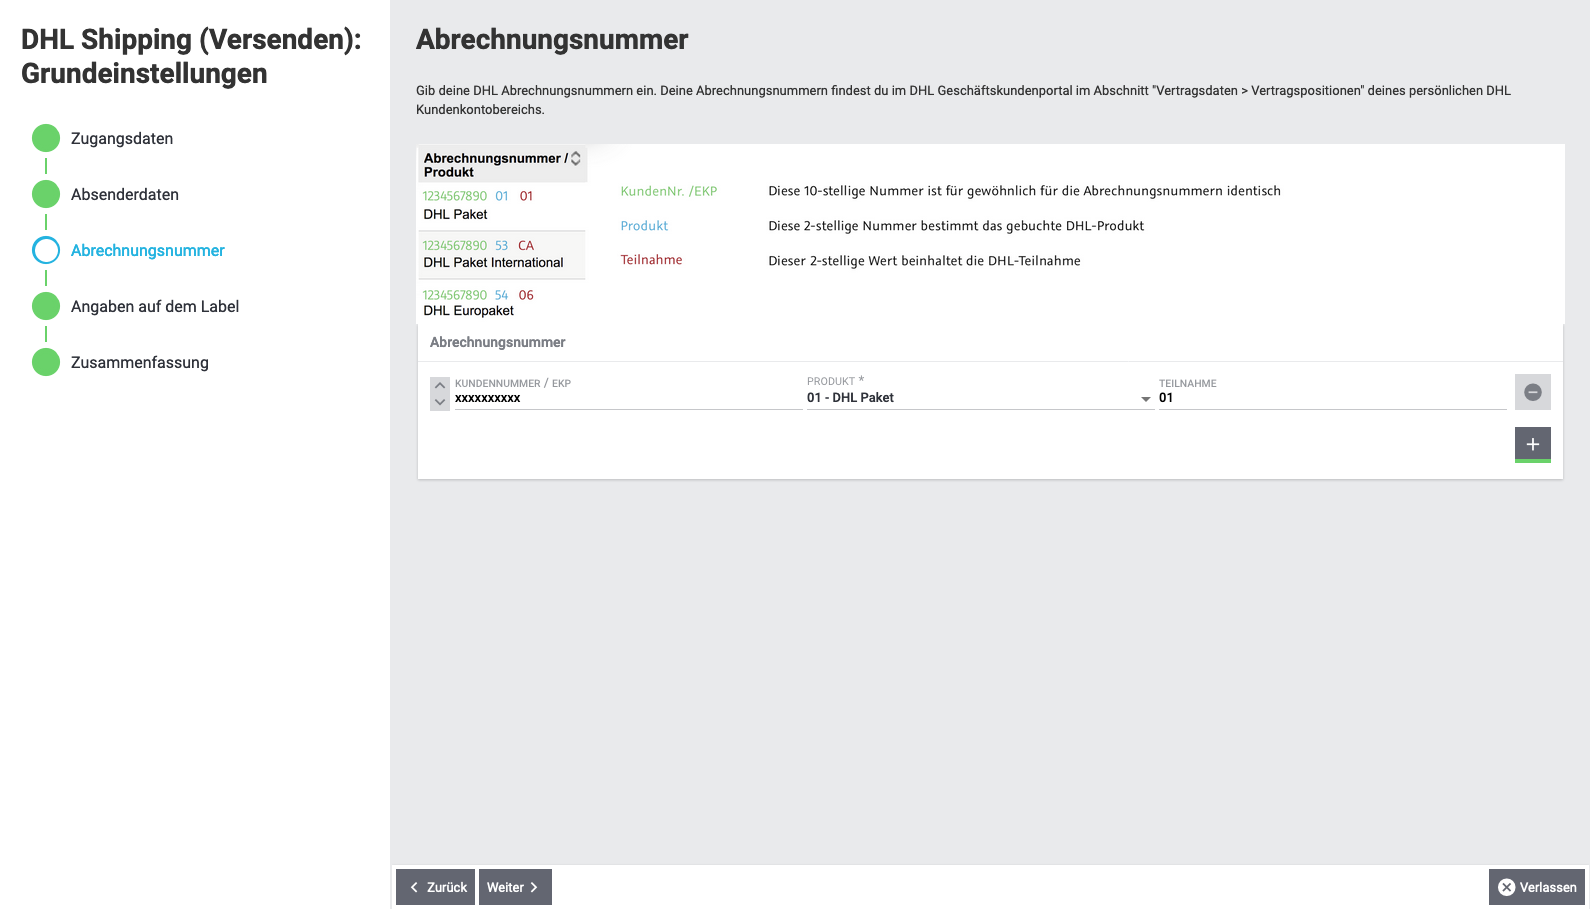 DHL Shipping (Versenden) | Integration | plentyMarketplace